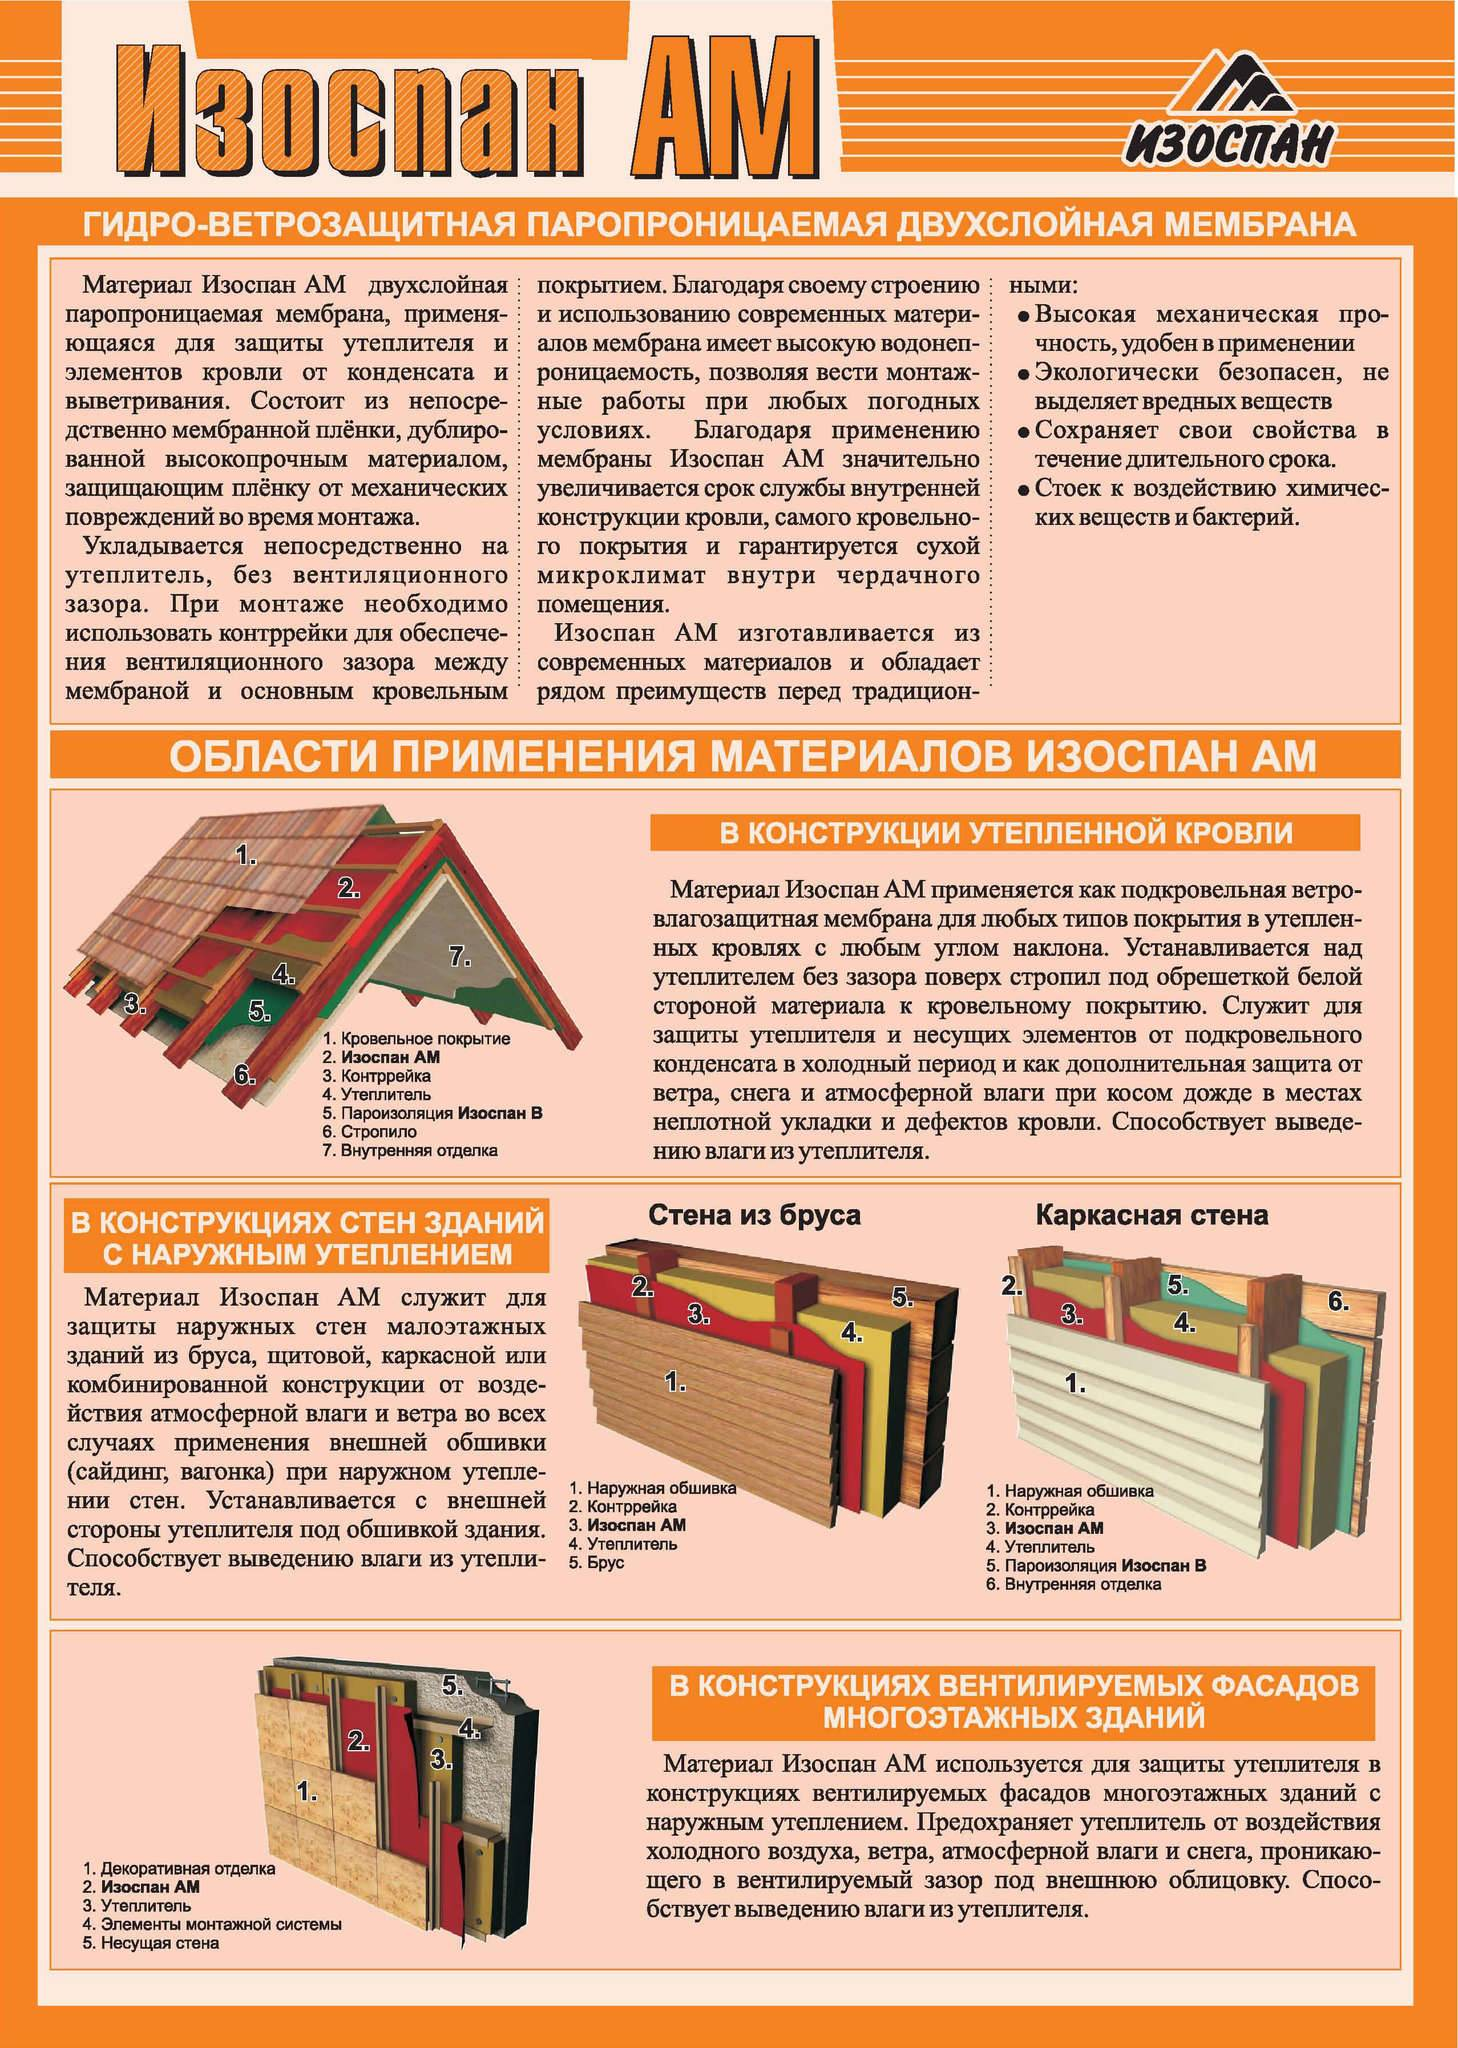 Гидроизоляционные материалы: виды, свойства, применение